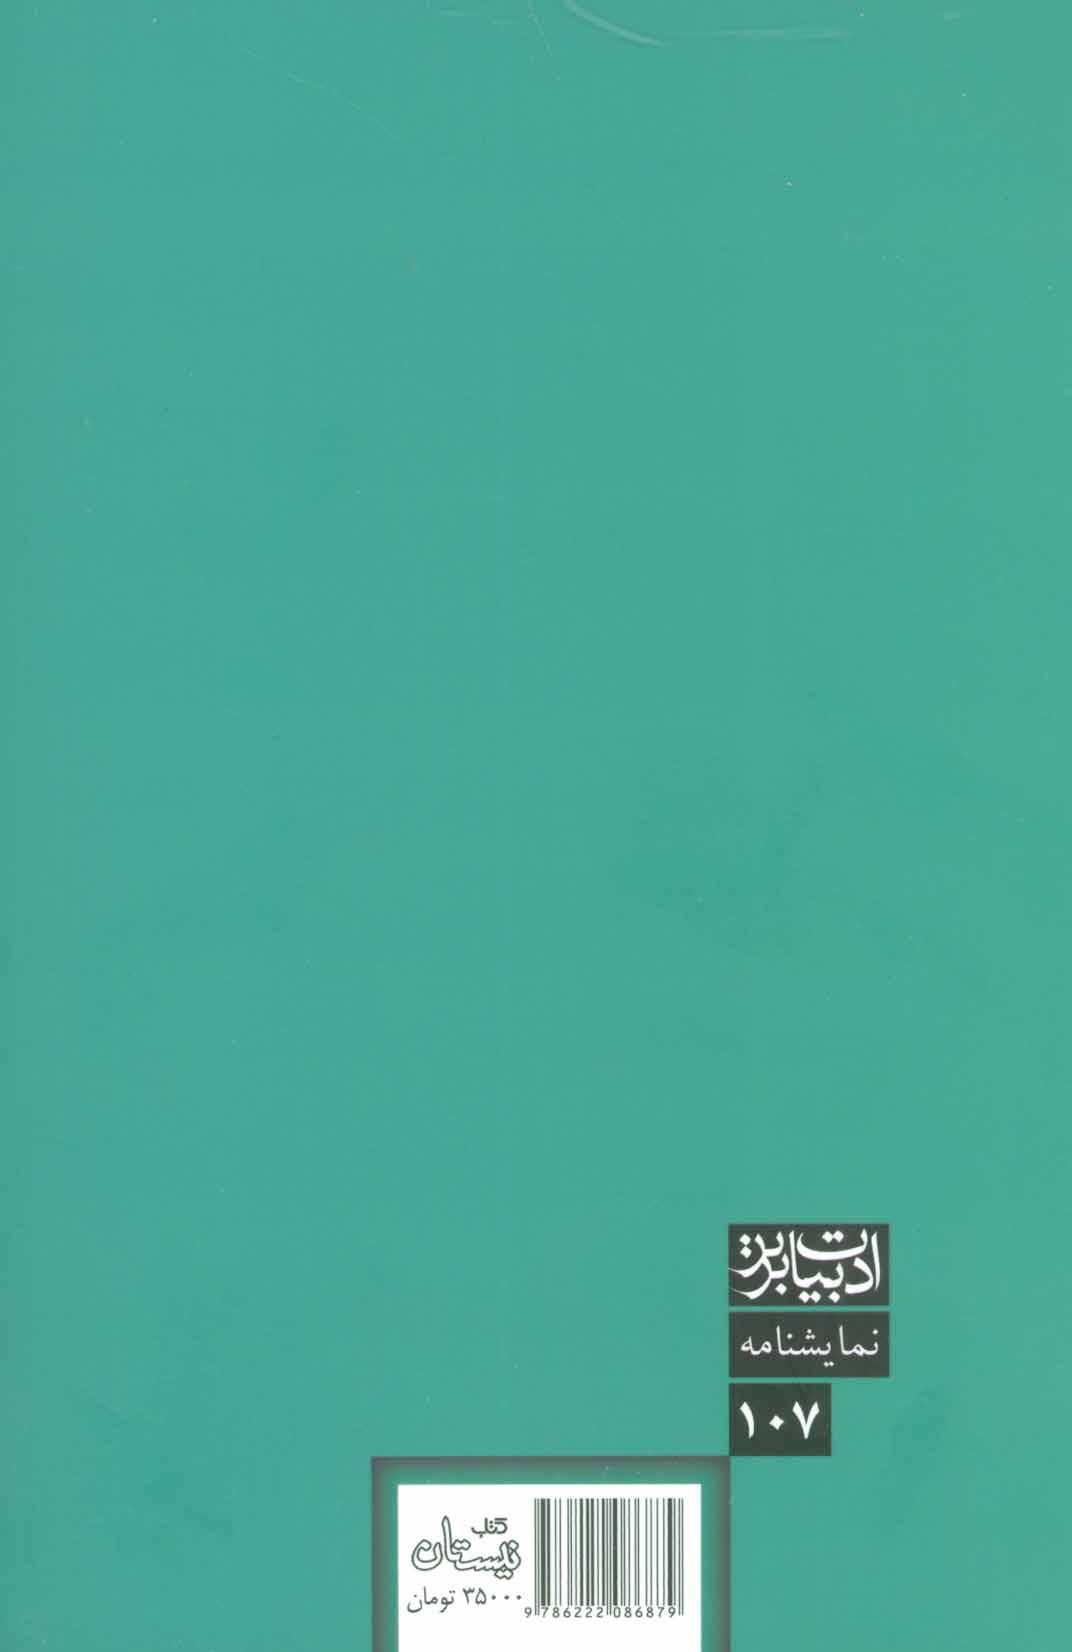 حیرت بازار (مجموعه نمایشنامه)،(ادبیات برتر،نمایشنامه107)